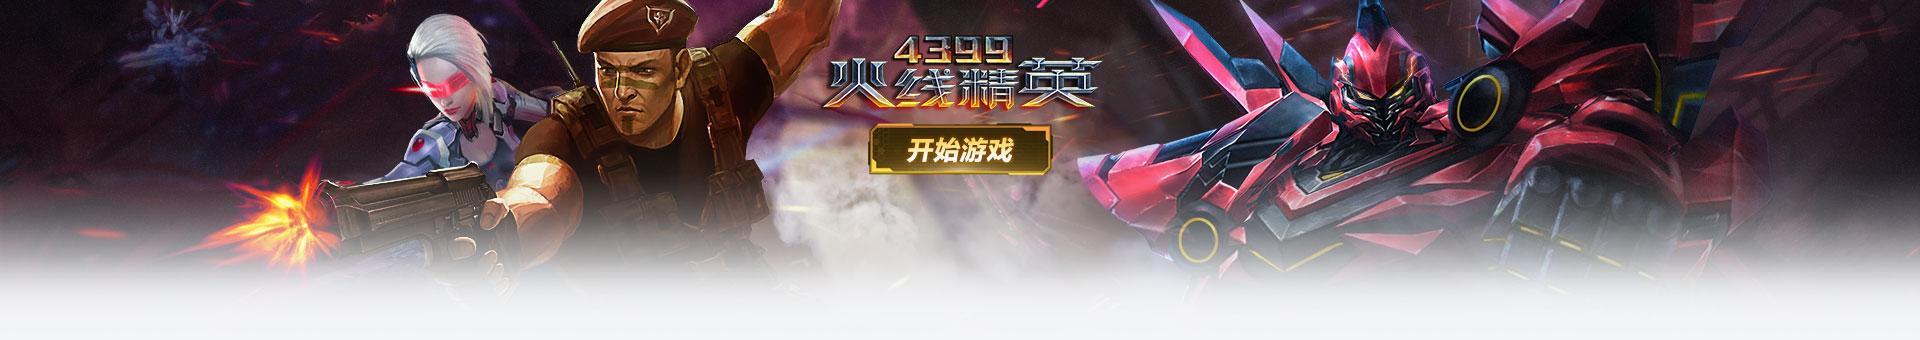 火线精英官网